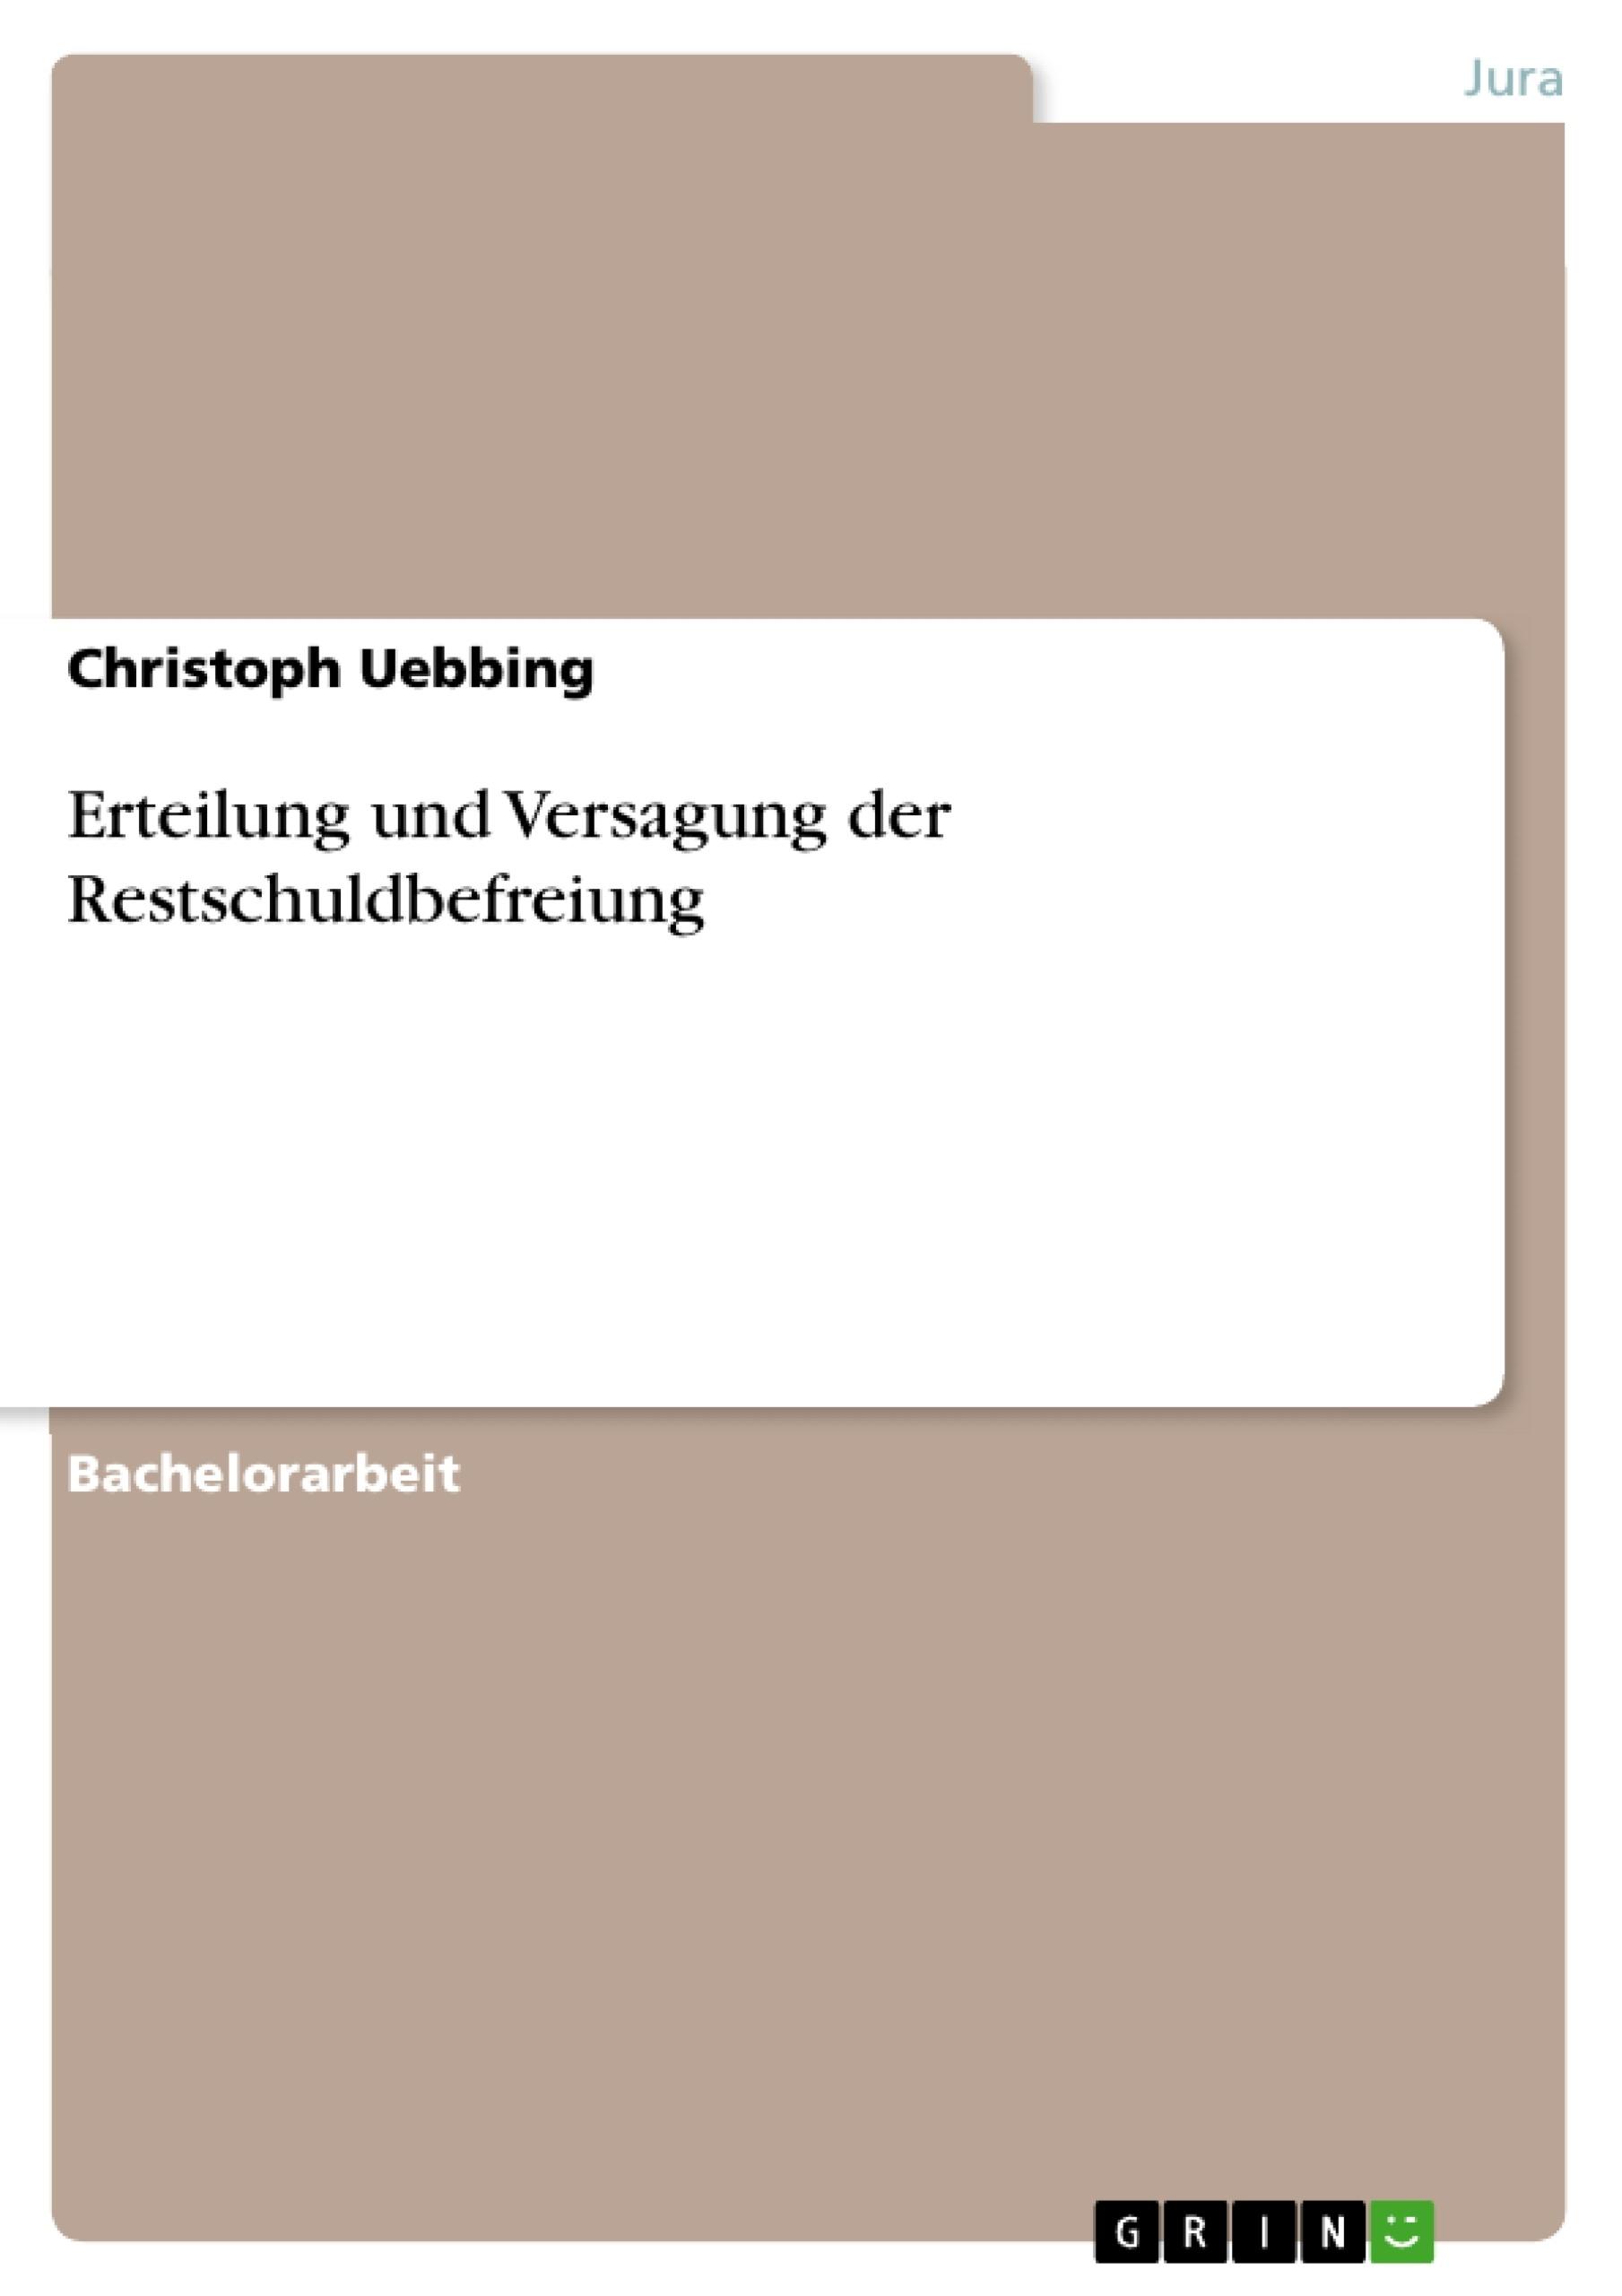 Titel: Erteilung und Versagung der Restschuldbefreiung